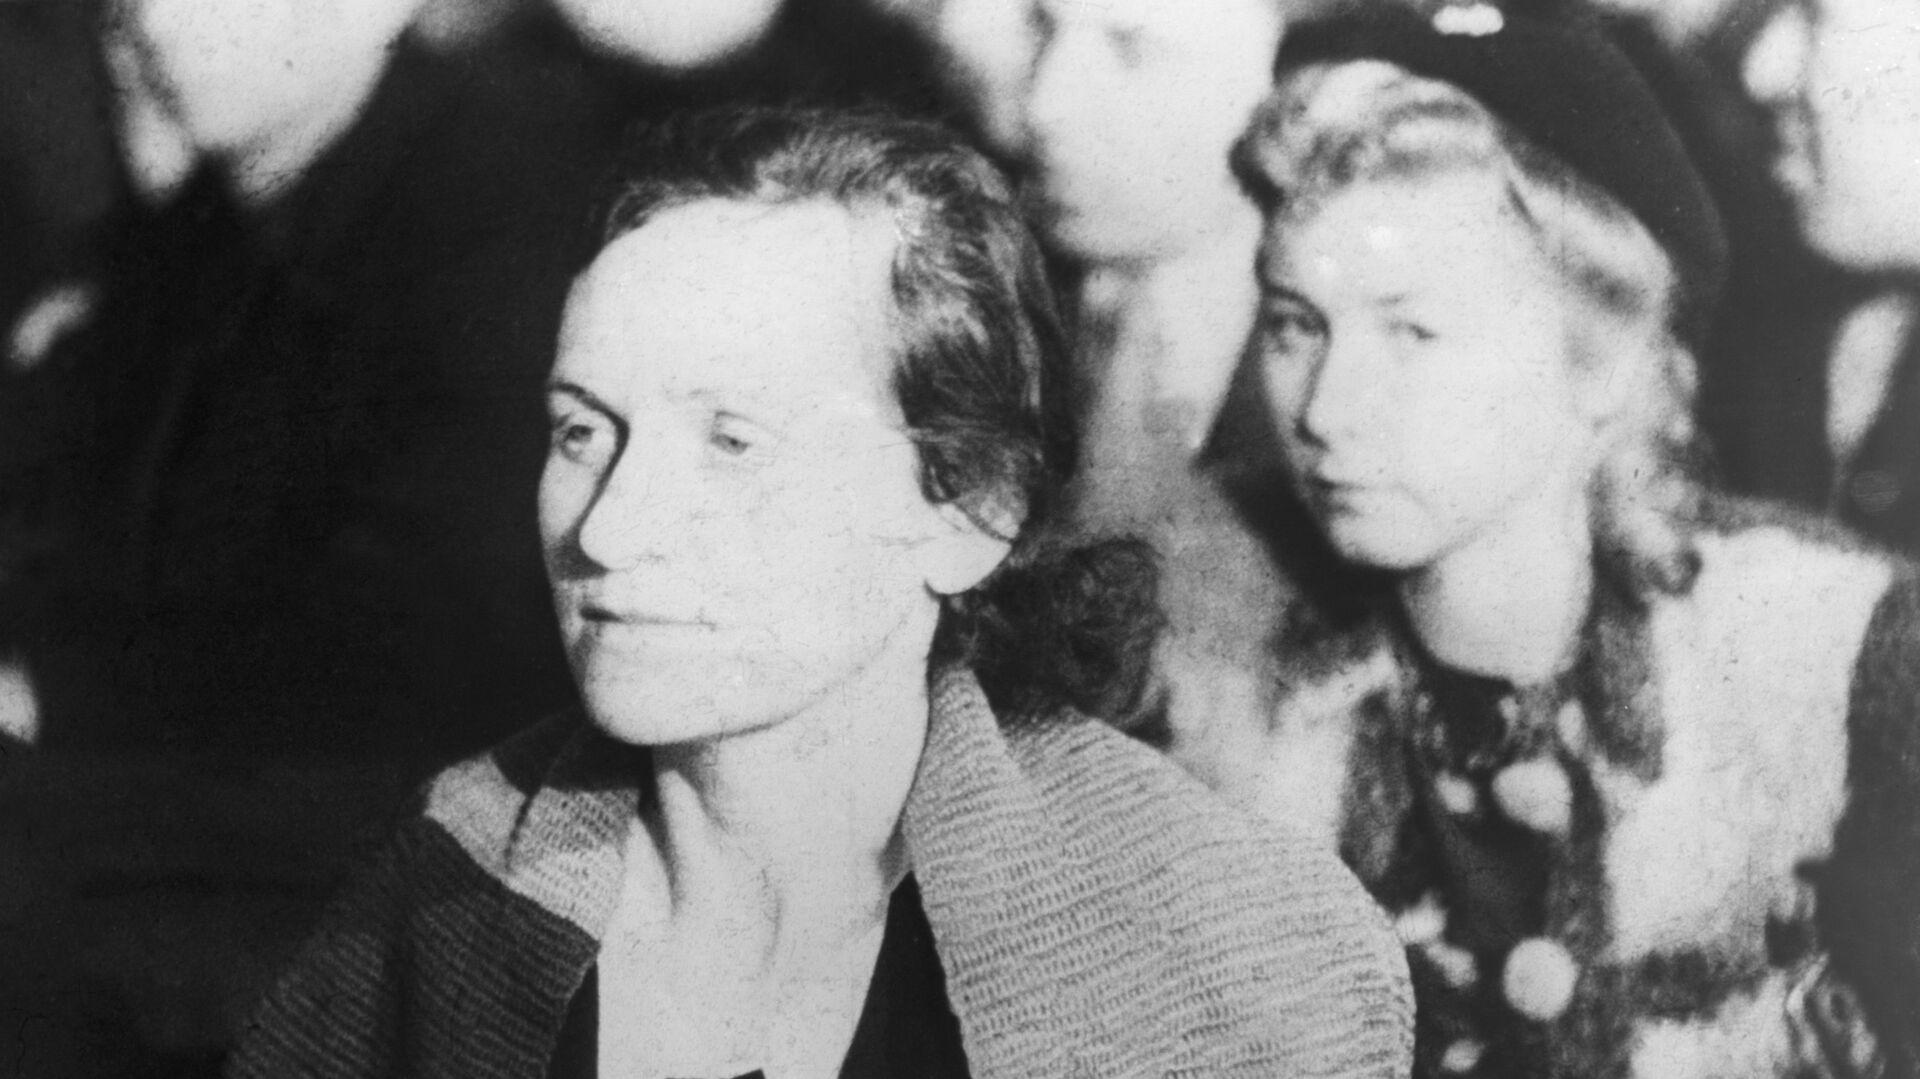 Дина Мироновна Проничева, спасшаяся 29 сентября 1941 года в Бабьем Яру, выступает на судебном процессе над гитлеровскими военными преступниками в Киеве  - РИА Новости, 1920, 28.01.2021